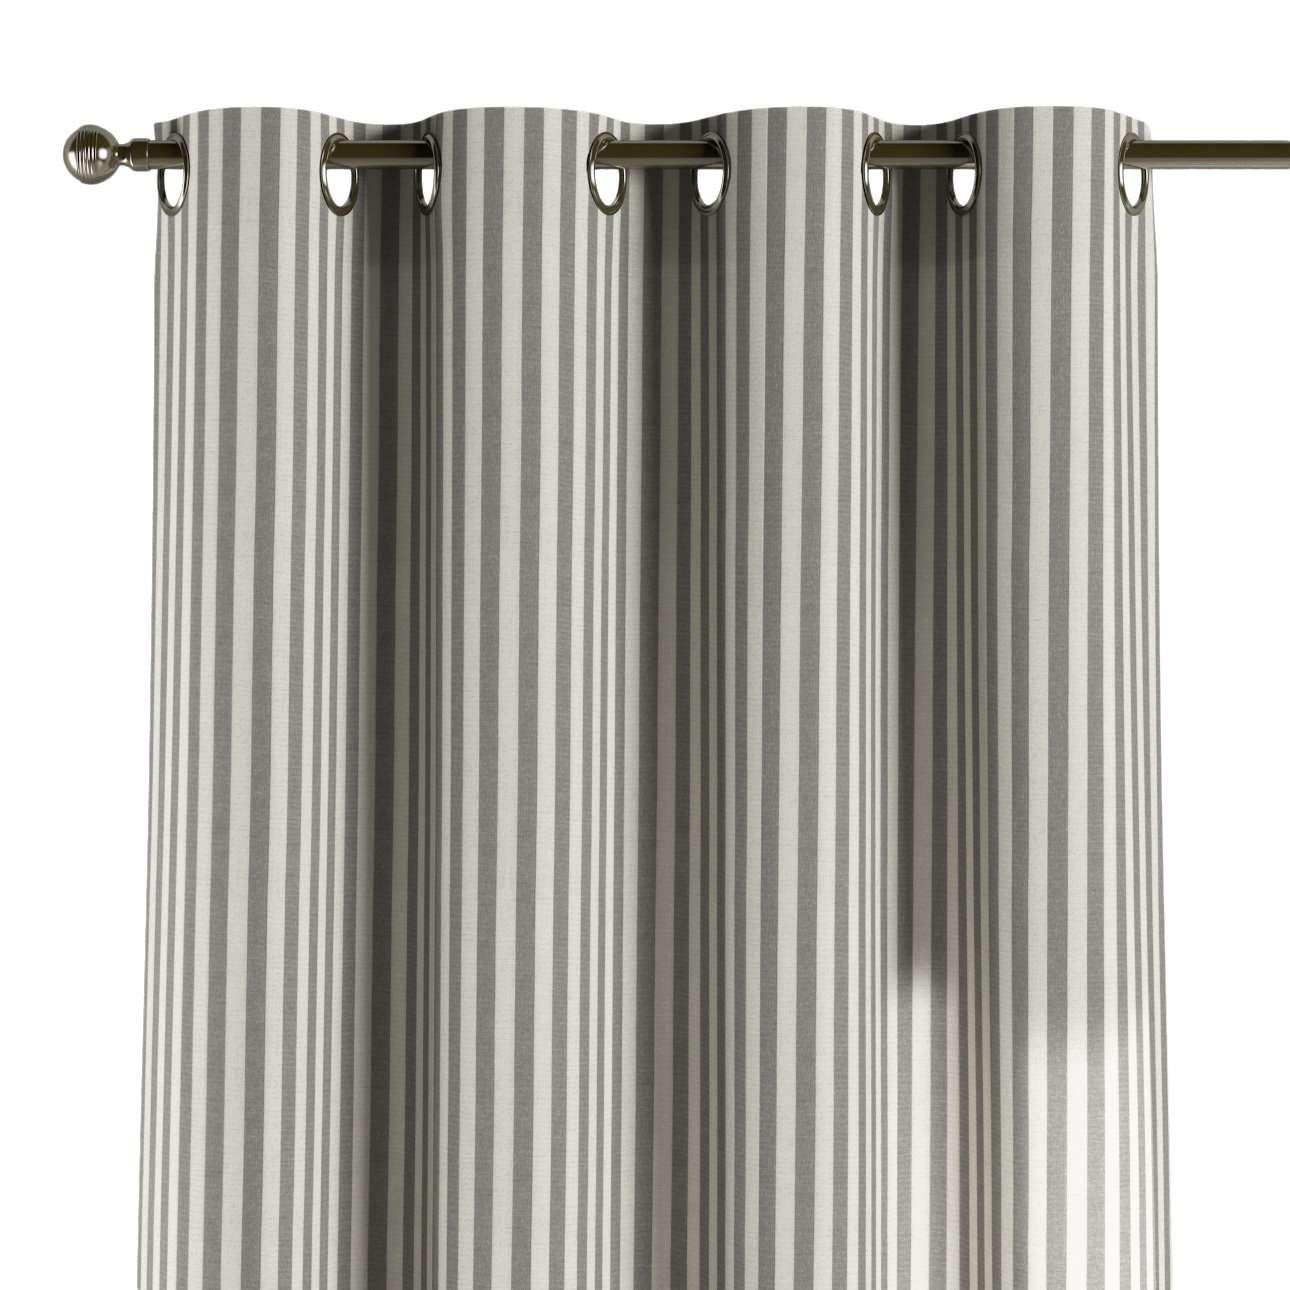 Zasłona na kółkach 1 szt. 1szt 130x260 cm w kolekcji Quadro, tkanina: 136-12